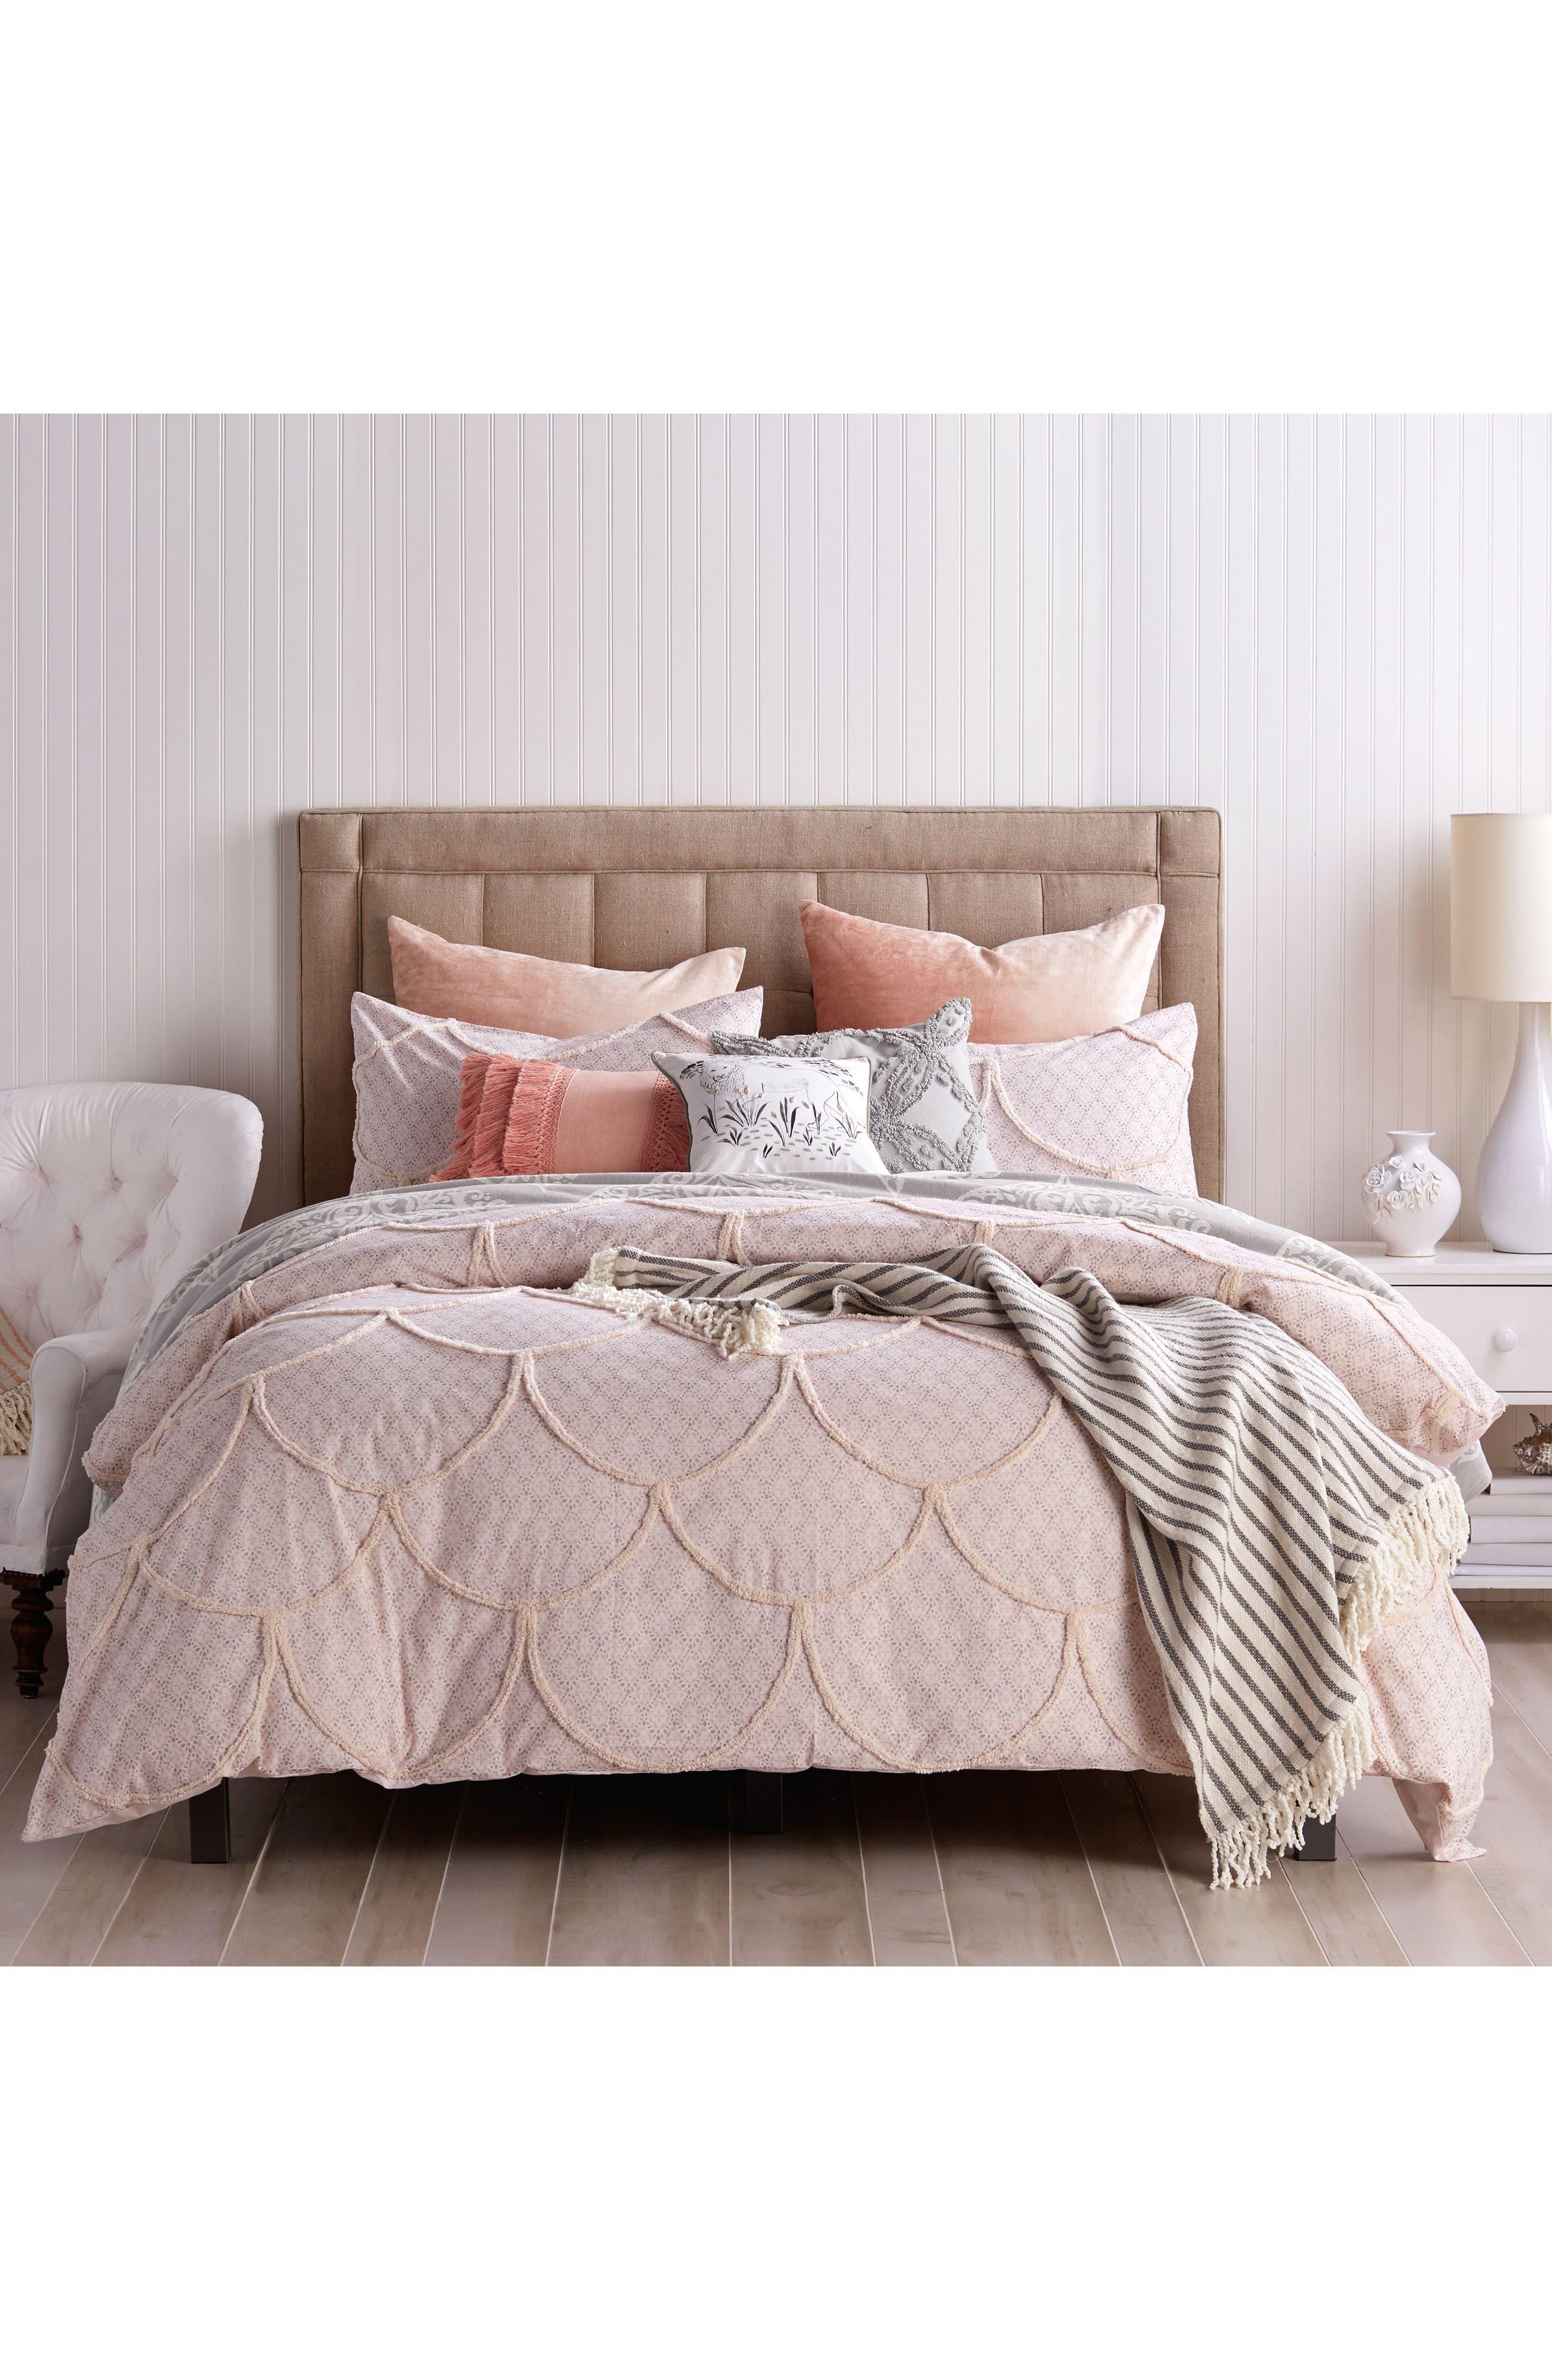 Chenille Scallop Comforter & Sham Set,                         Main,                         color, Blush